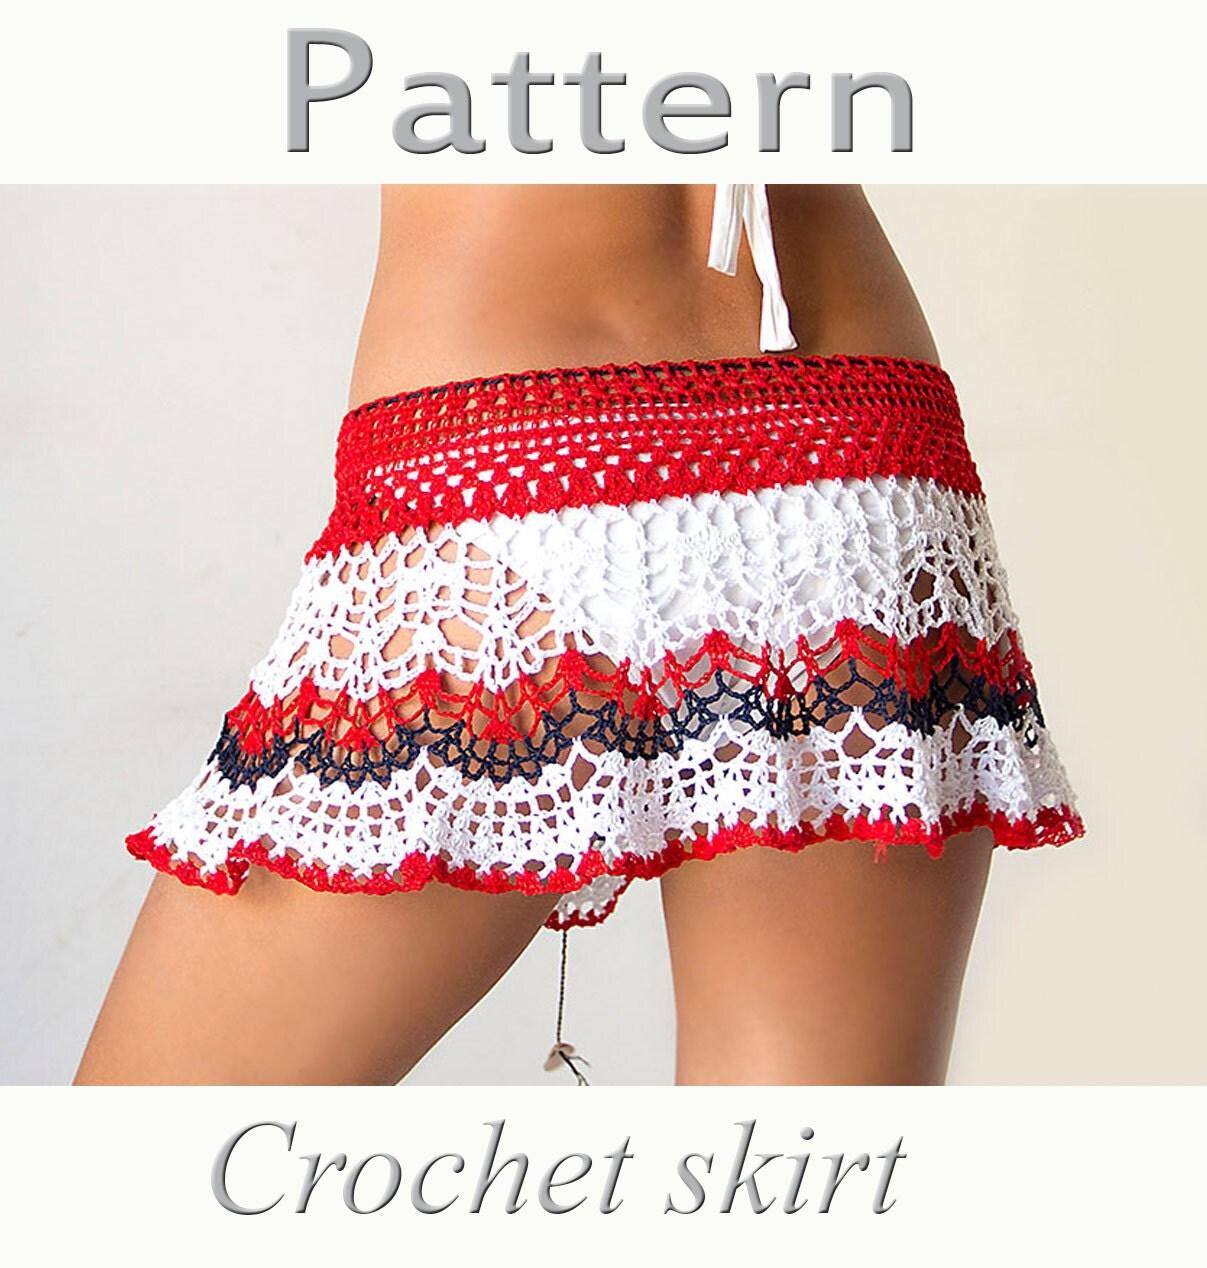 Crochet beach skirt pattern pdf crochet cover up from katrinshine crochet beach skirt pattern pdf crochet cover up bankloansurffo Images